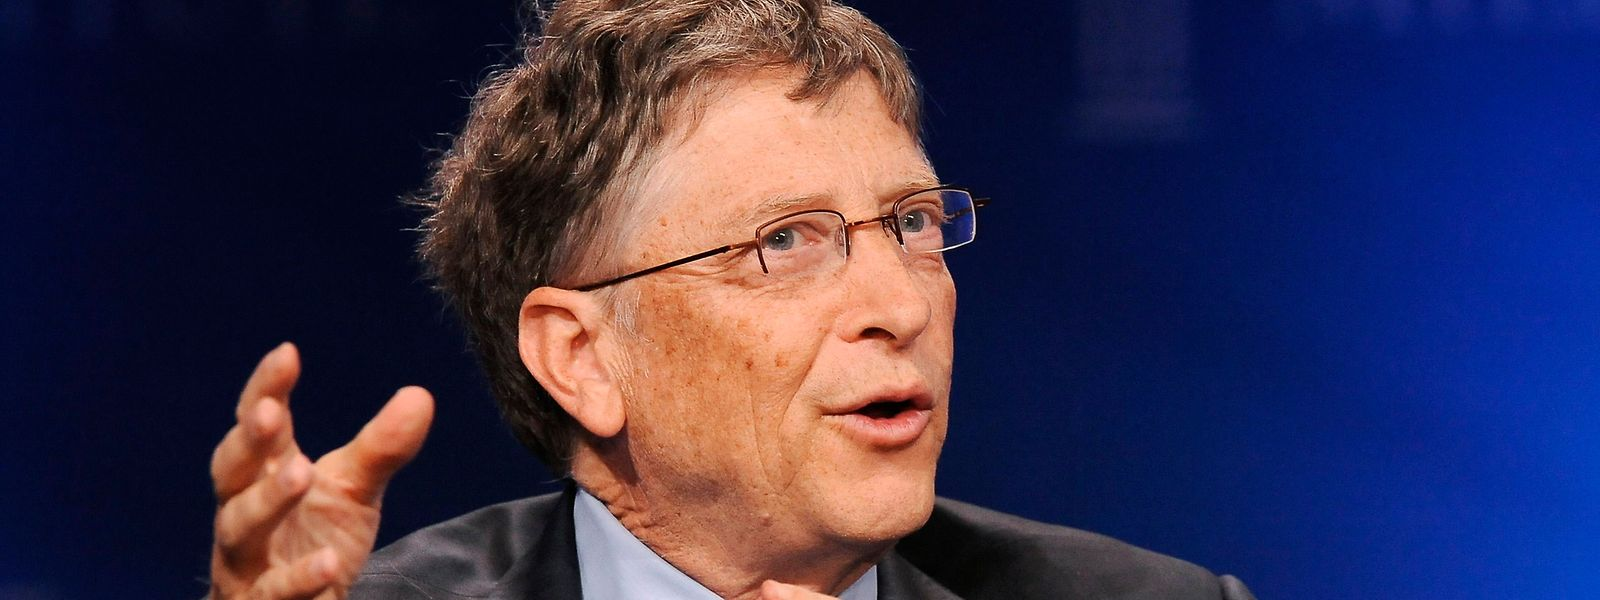 Die von Gates gegründete Investmentfirma Cascade ist schon seit 1997 an der Kette »Four Seasons« beteiligt.